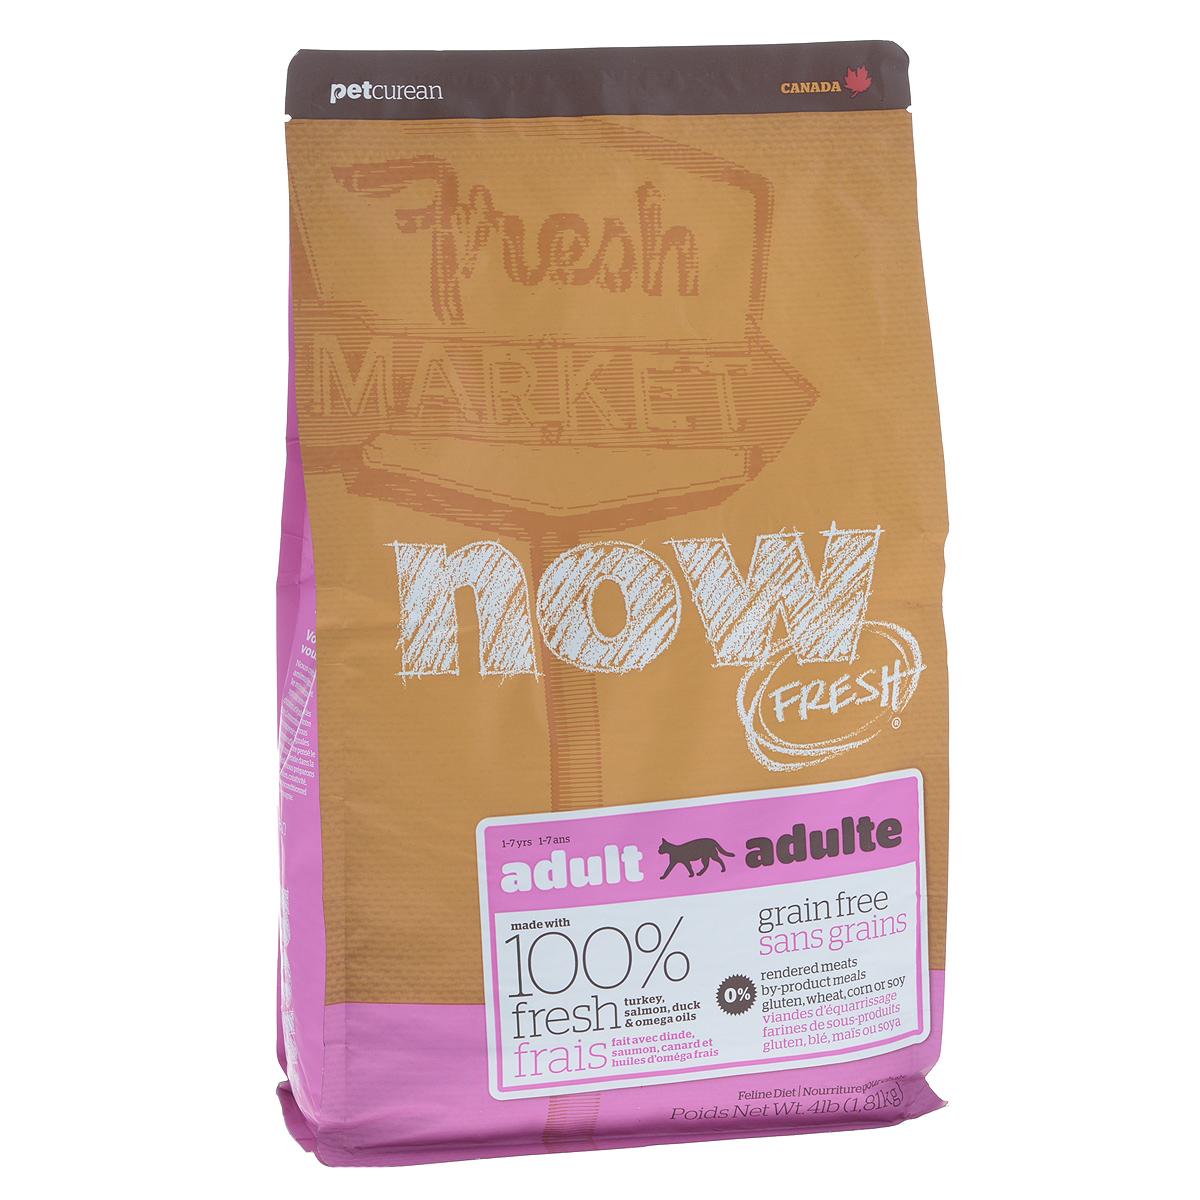 Корм сухой Now Fresh для взрослых кошек, беззерновой, с индейкой, уткой и овощами, 1,81 кг0120710Now Fresh - полностью сбалансированный холистик корм из свежего филе индейки и утки, выращенных на канадских фермах. При производстве кормов используется только свежее мясо индейки, утки, лосося, кокосовое и рапсовое масло. Это первый беззерновой корм со сбалансированным содержание белков и жиров. Ключевые преимущества: - полностью беззерновой,- не содержит субпродуктов, красителей, говядины, мясных ингредиентов, выращенных на гормонах, - оптимальное соотношение белков и жиров помогает кошкам оставаться здоровыми и сохранять отличную форму,- докозагексаеновая кислота (DHA) и эйкозапентаеновая кислота (EPA) необходима для нормальной деятельности мозга и здорового зрения,- пробиотики и пребиотики обеспечивают здоровое пищеварение,- таурин необходим для здоровья глаз и нормального функционирования сердечной мышцы,- омега-масла в составе необходимы для здоровой кожи и шерсти,- антиоксиданты укрепляют иммунную систему. Состав: филе индейки, картофель, горох, свежие цельные яйца, томаты, масло канолы (источник витамина Е), семена льна, натуральный ароматизатор, филе лосося, утиное филе, кокосовое масло (источник витамина Е), яблоки, морковь, тыква, бананы, черника, клюква, малина, ежевика, папайя, ананас, грейпфрут, чечевица, брокколи, шпинат, творог, ростки люцерны, дикальций фосфат, люцерна, карбонат кальция, фосфорная кислота, натрия хлорид, лецитин, хлорид калия, DL-метионин, таурин, витамины (витамин Е, L-аскорбил-2-полифосфатов (источник витамина С), никотиновая кислота, инозит, витамин А, тиамин, амононитрат, пантотенат D-кальция, пиридоксинагидрохлорид, рибофлавин, бета-каротин, витамин D3, фолиевая кислота, биотин, витаминВ12), минералы (протеинат цинка, сульфат железа, оксид цинка, протеинат железа, сульфат меди, протеинат меди, протеинат марганца, оксид марганца, йодат кальция, селенит натрия), сушеные водоросли, L-лизин, сухой корень цикория, Lactobacillus, Enteroc